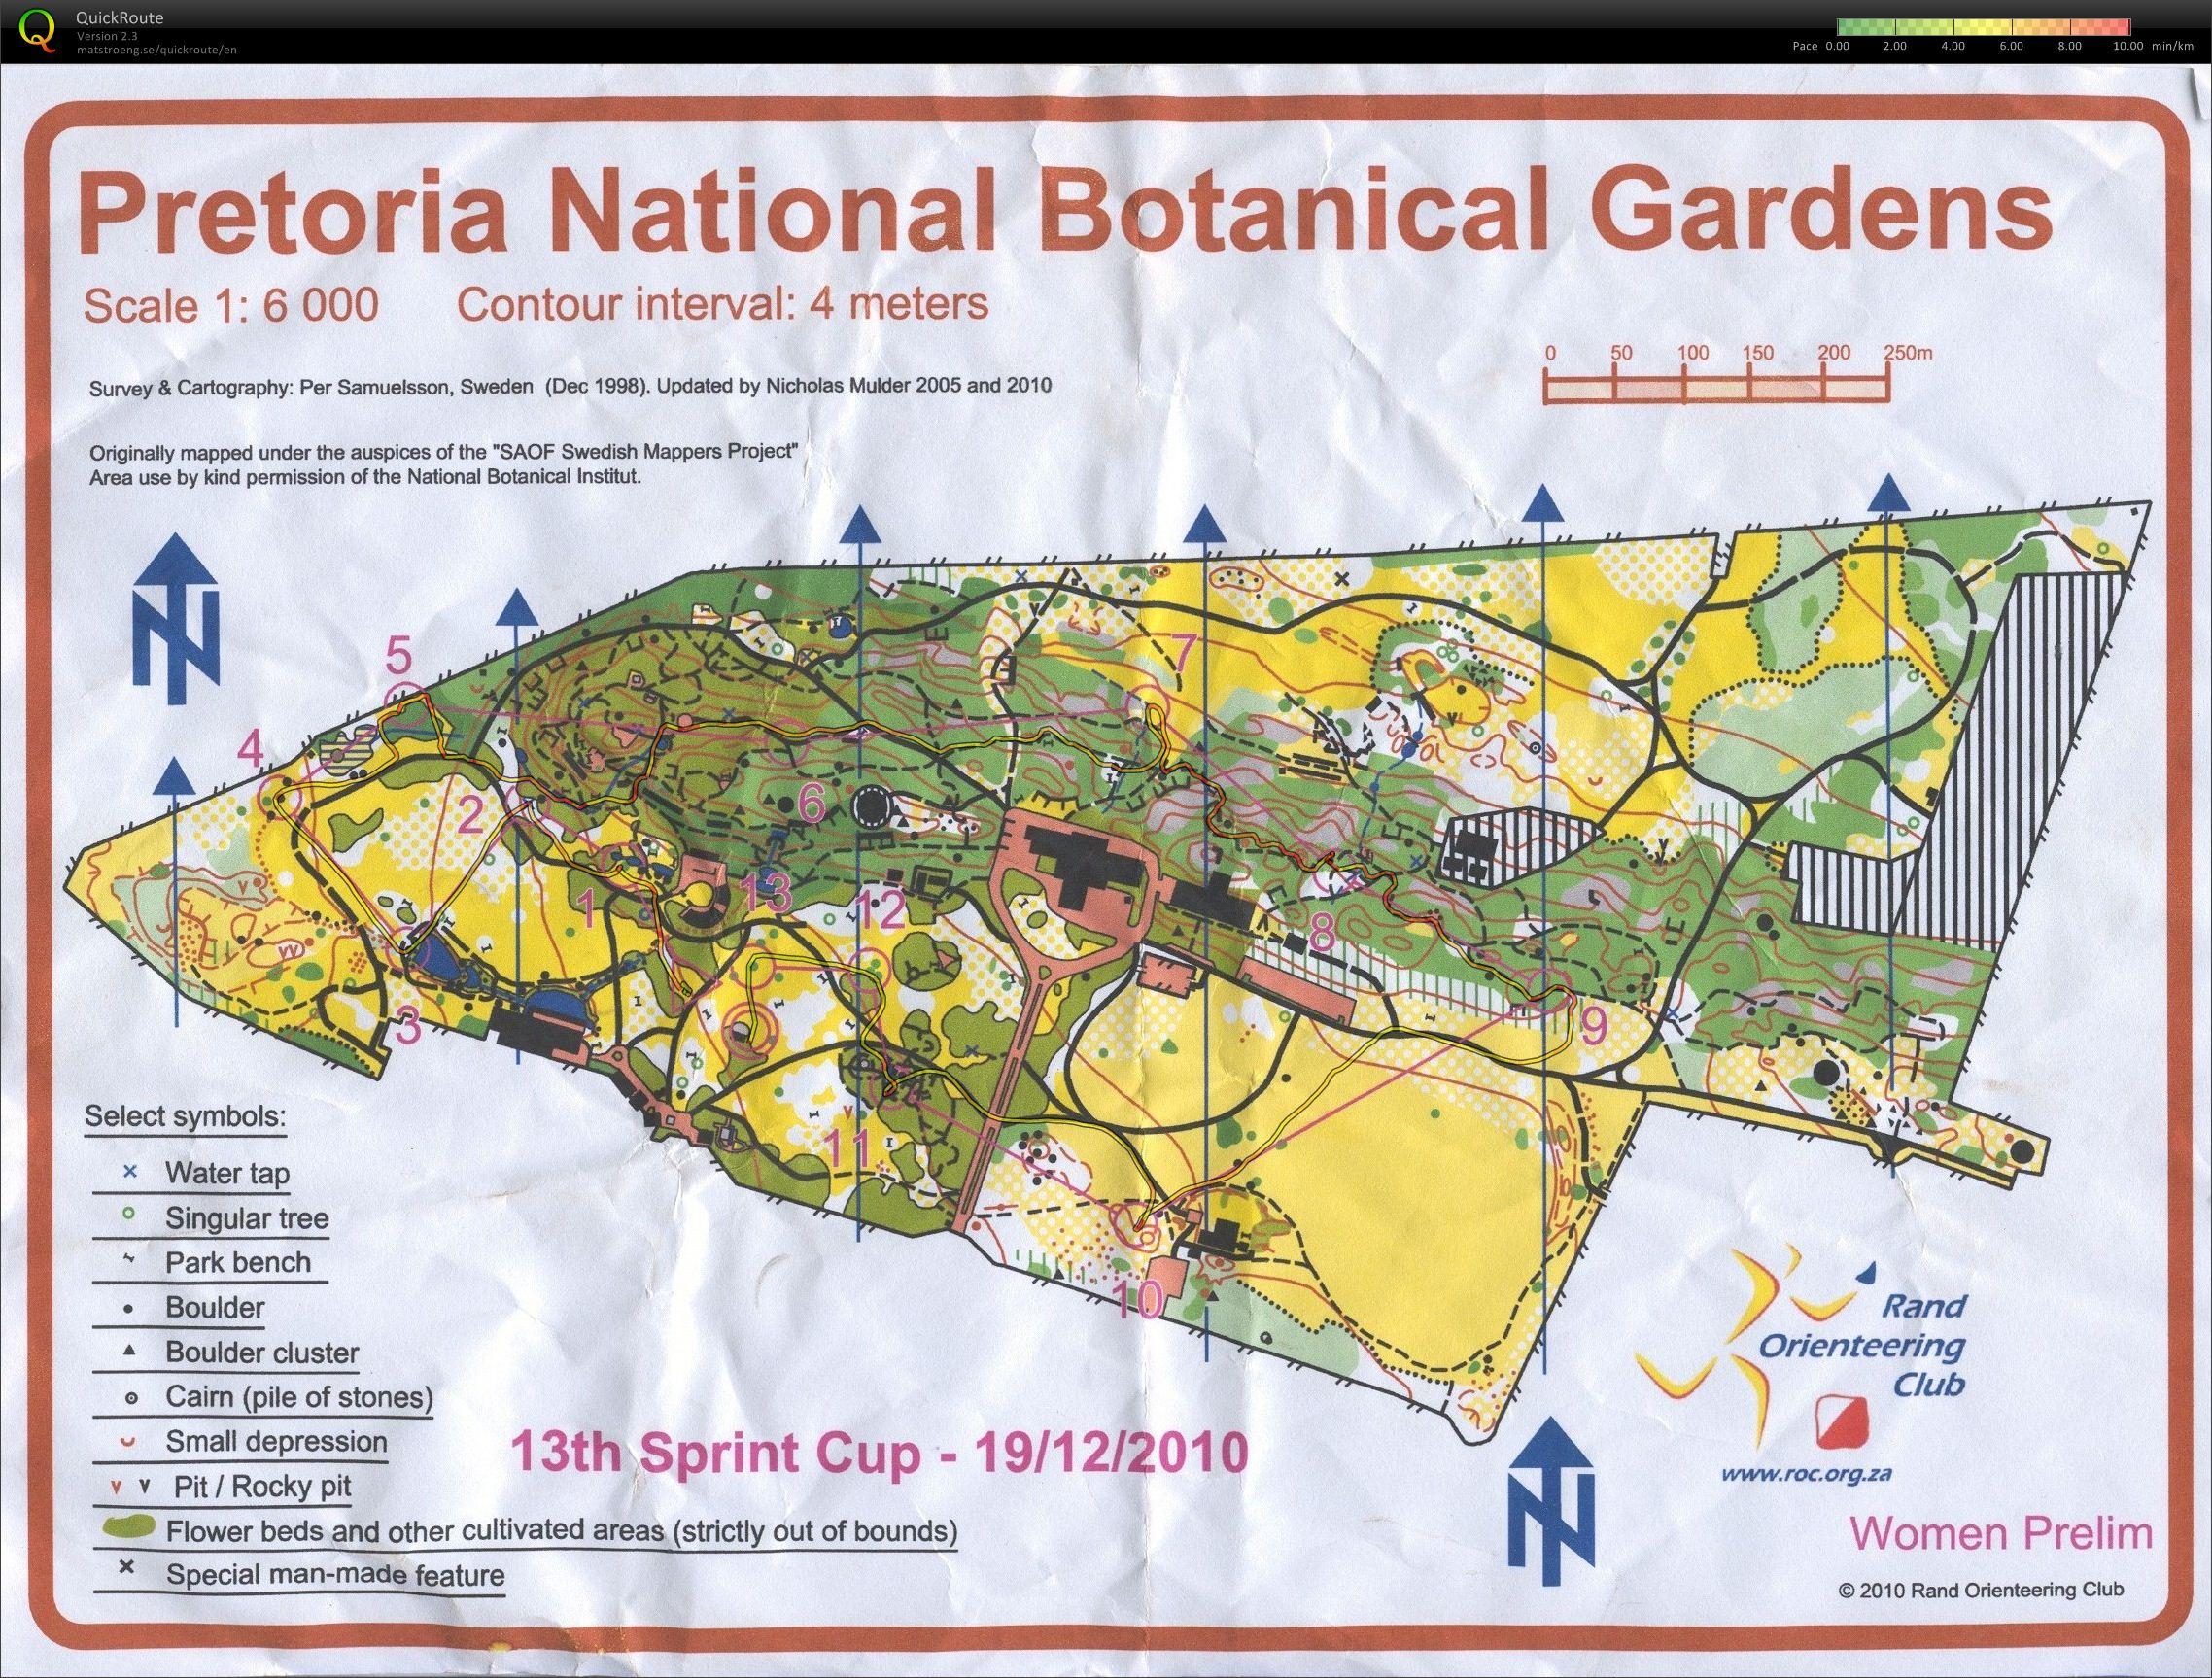 Photo: Sprint Cup (prelim) - PTA Botanical Gardens